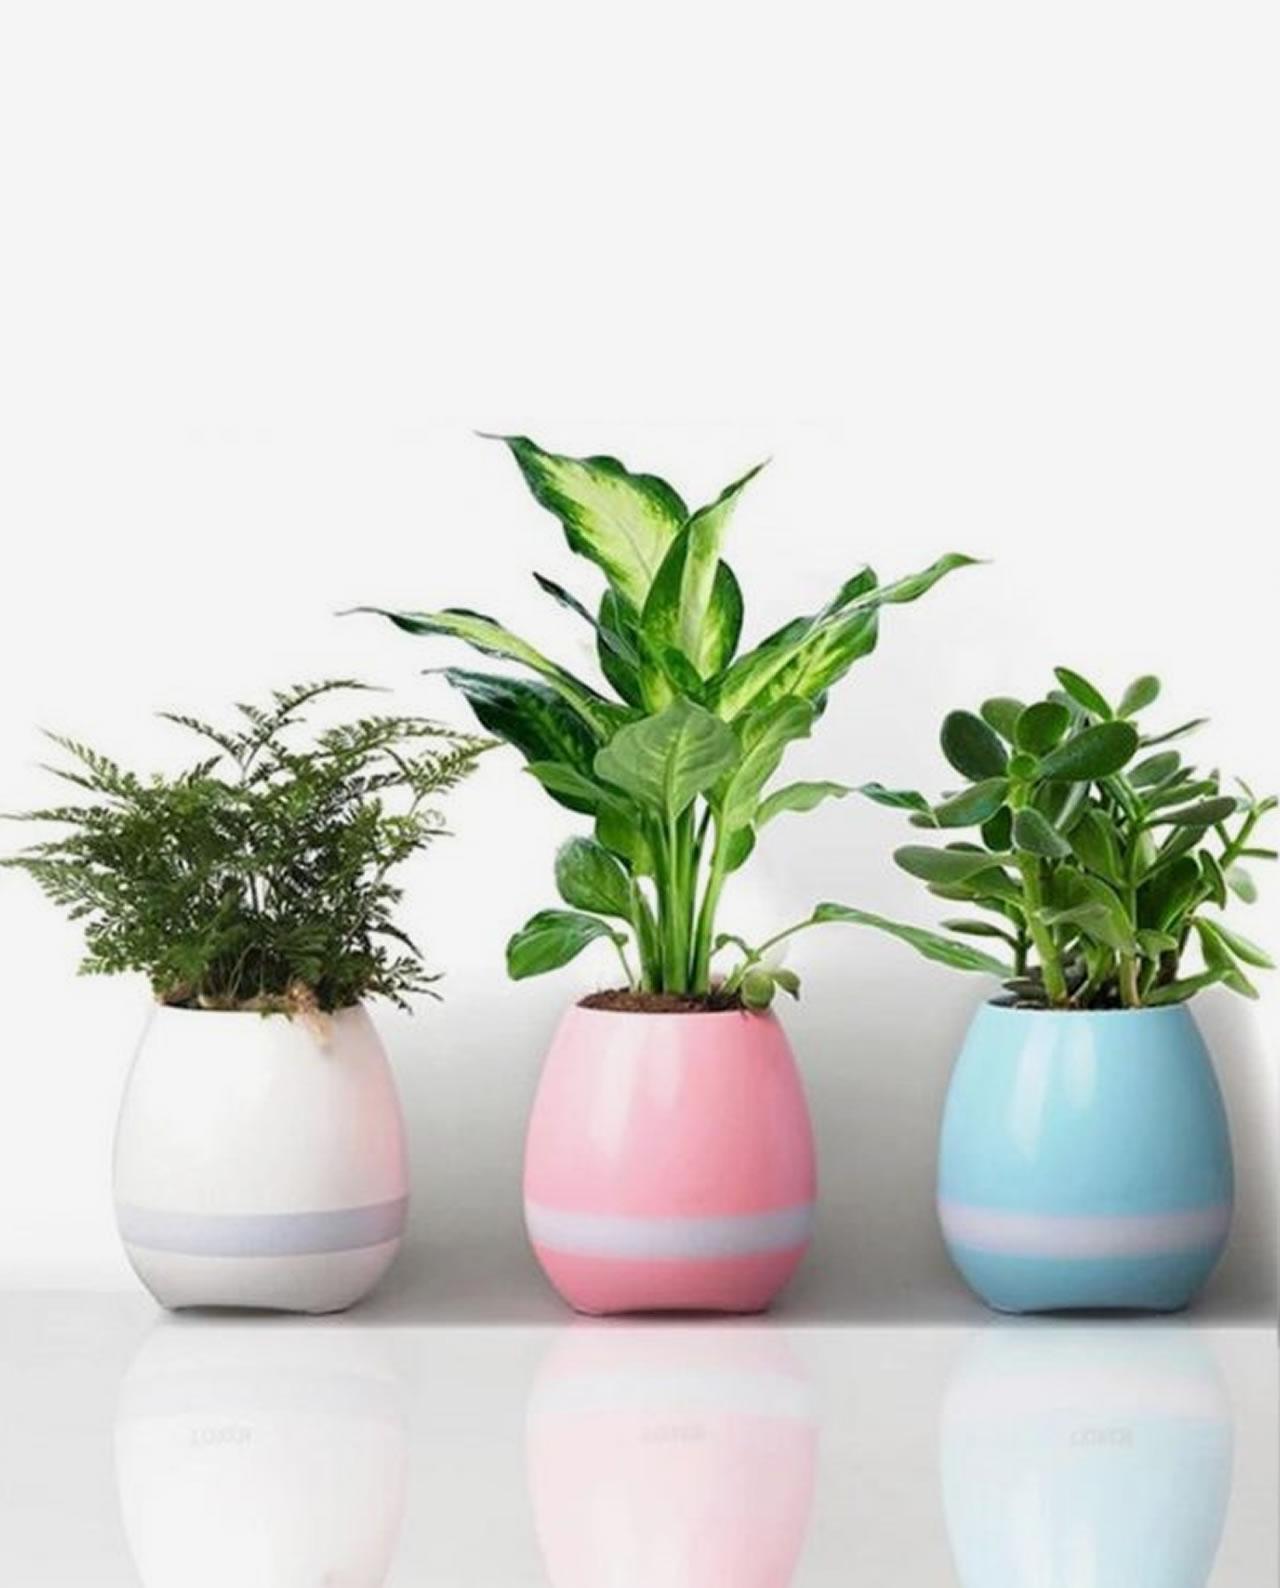 Magic Flower Pot Speaker - HDTV Entertainment